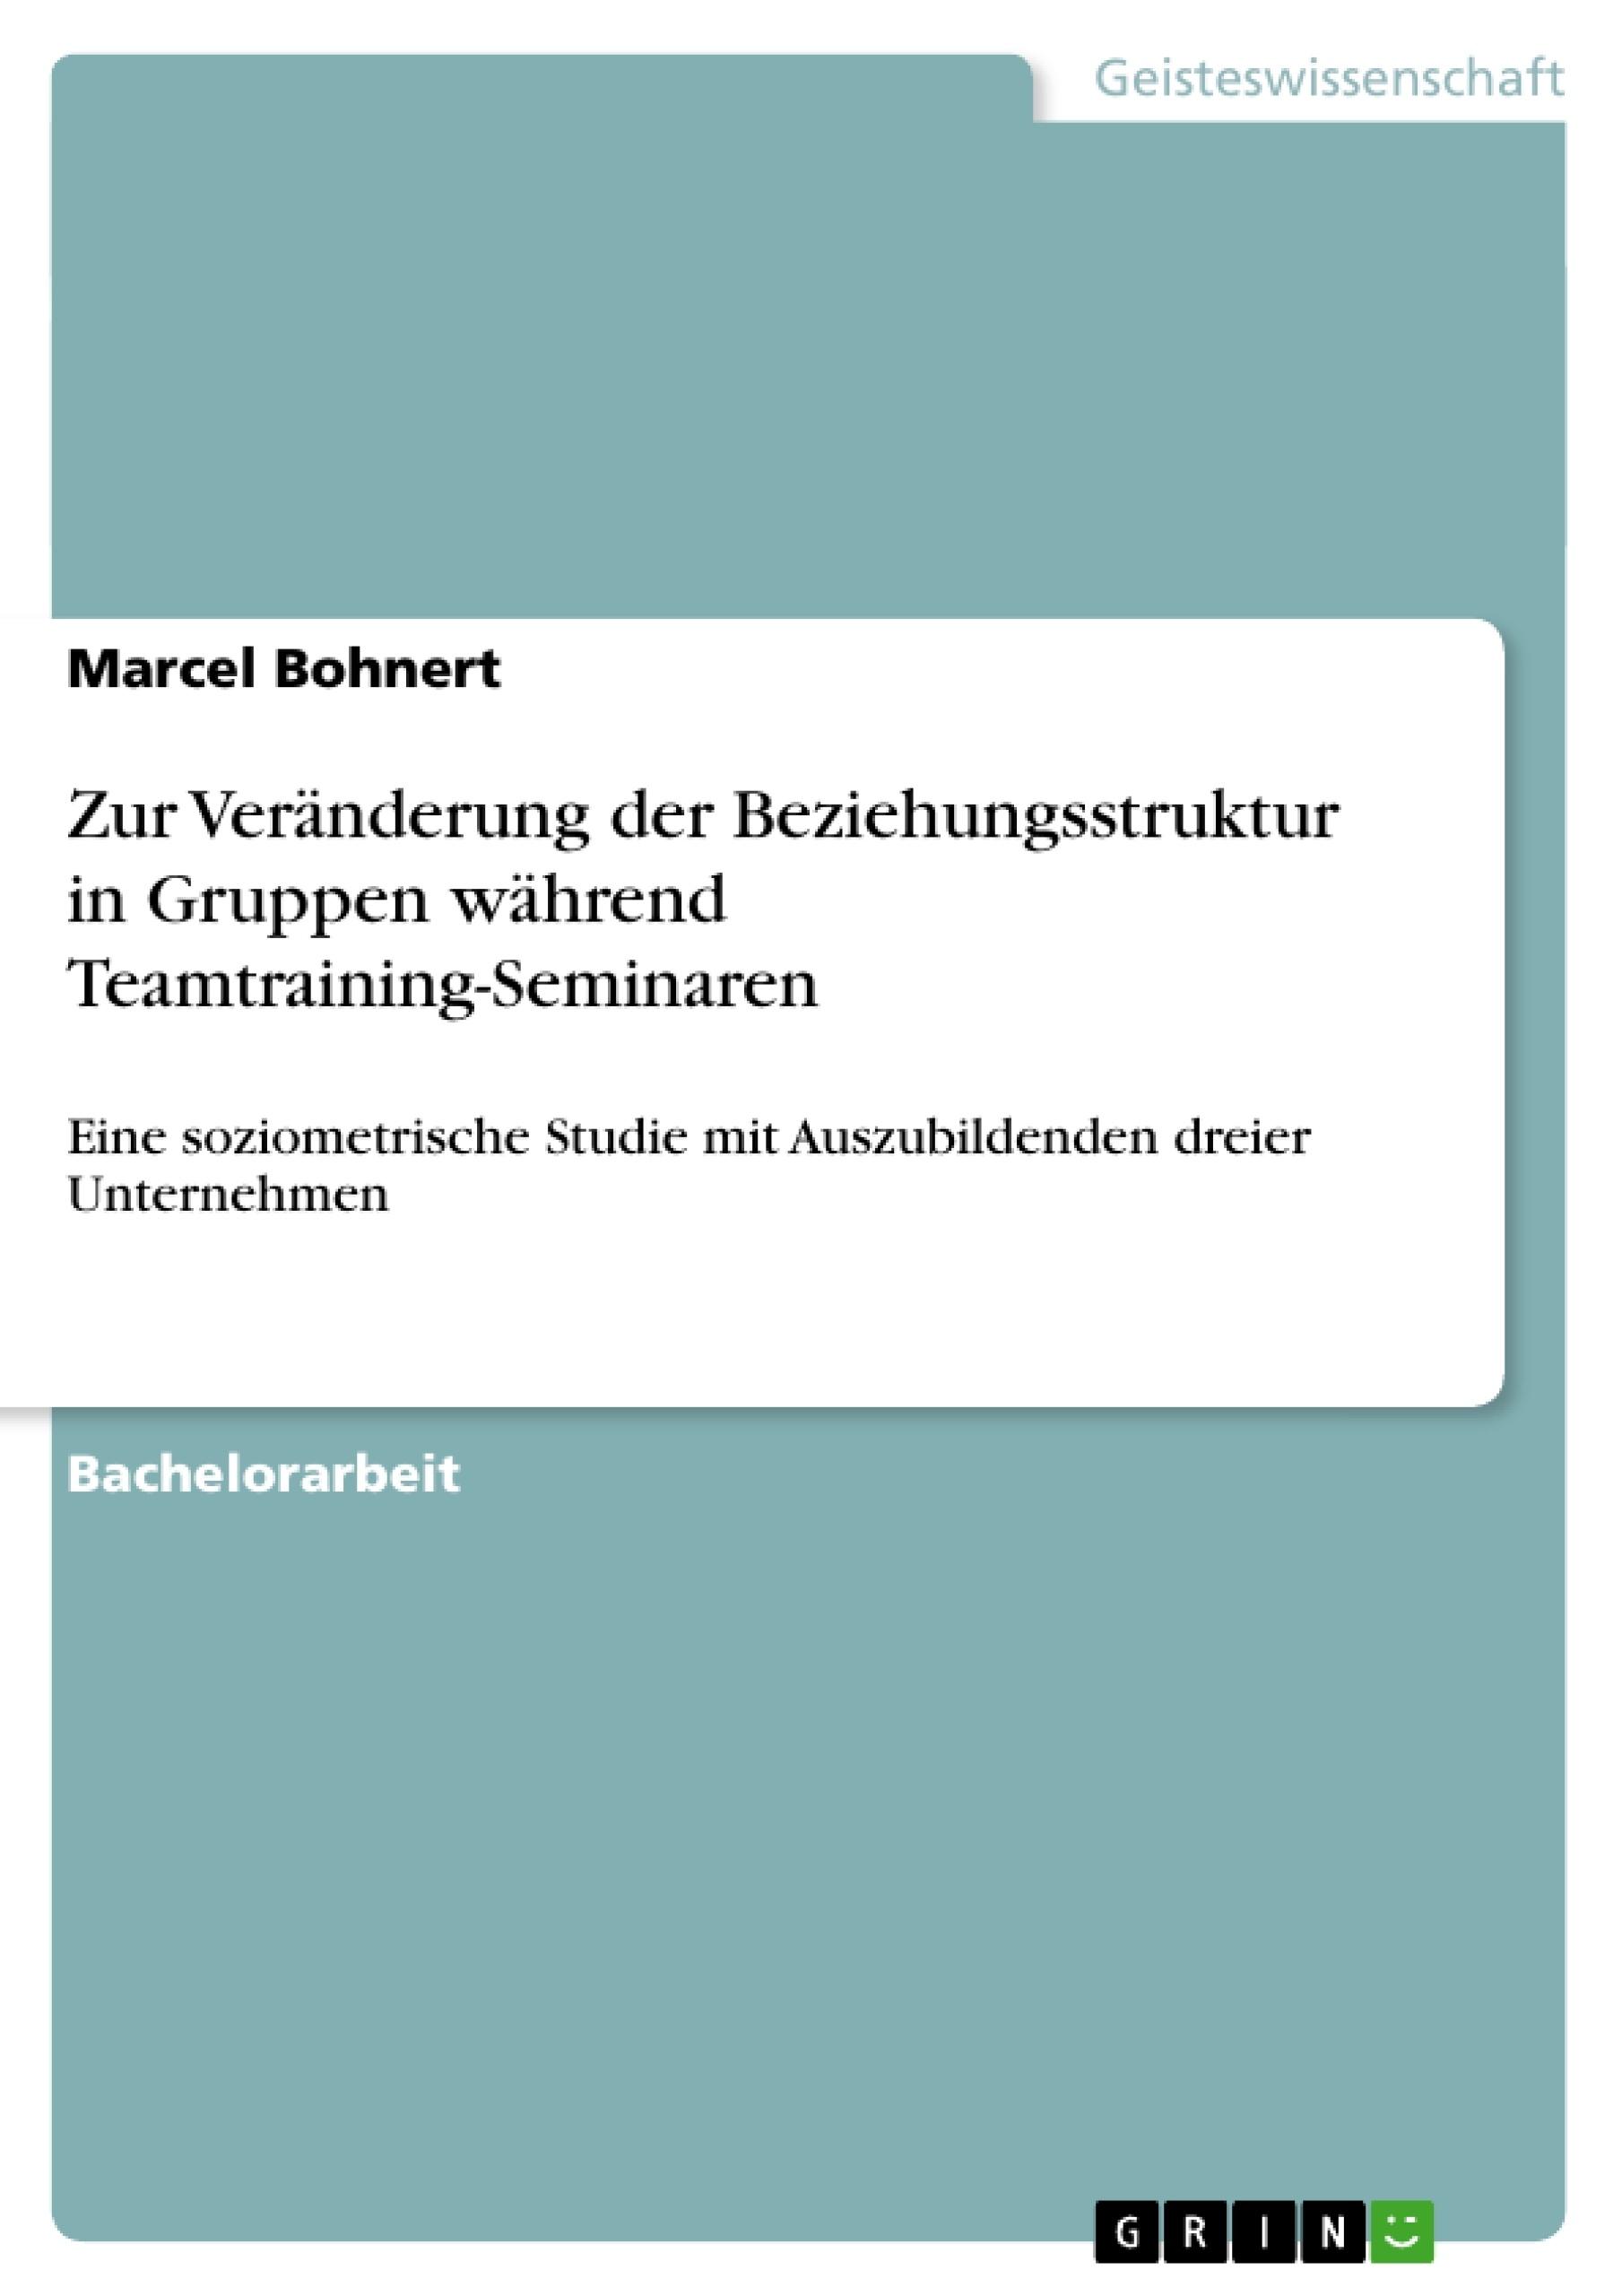 Titel: Zur Veränderung der Beziehungsstruktur in Gruppen während Teamtraining-Seminaren